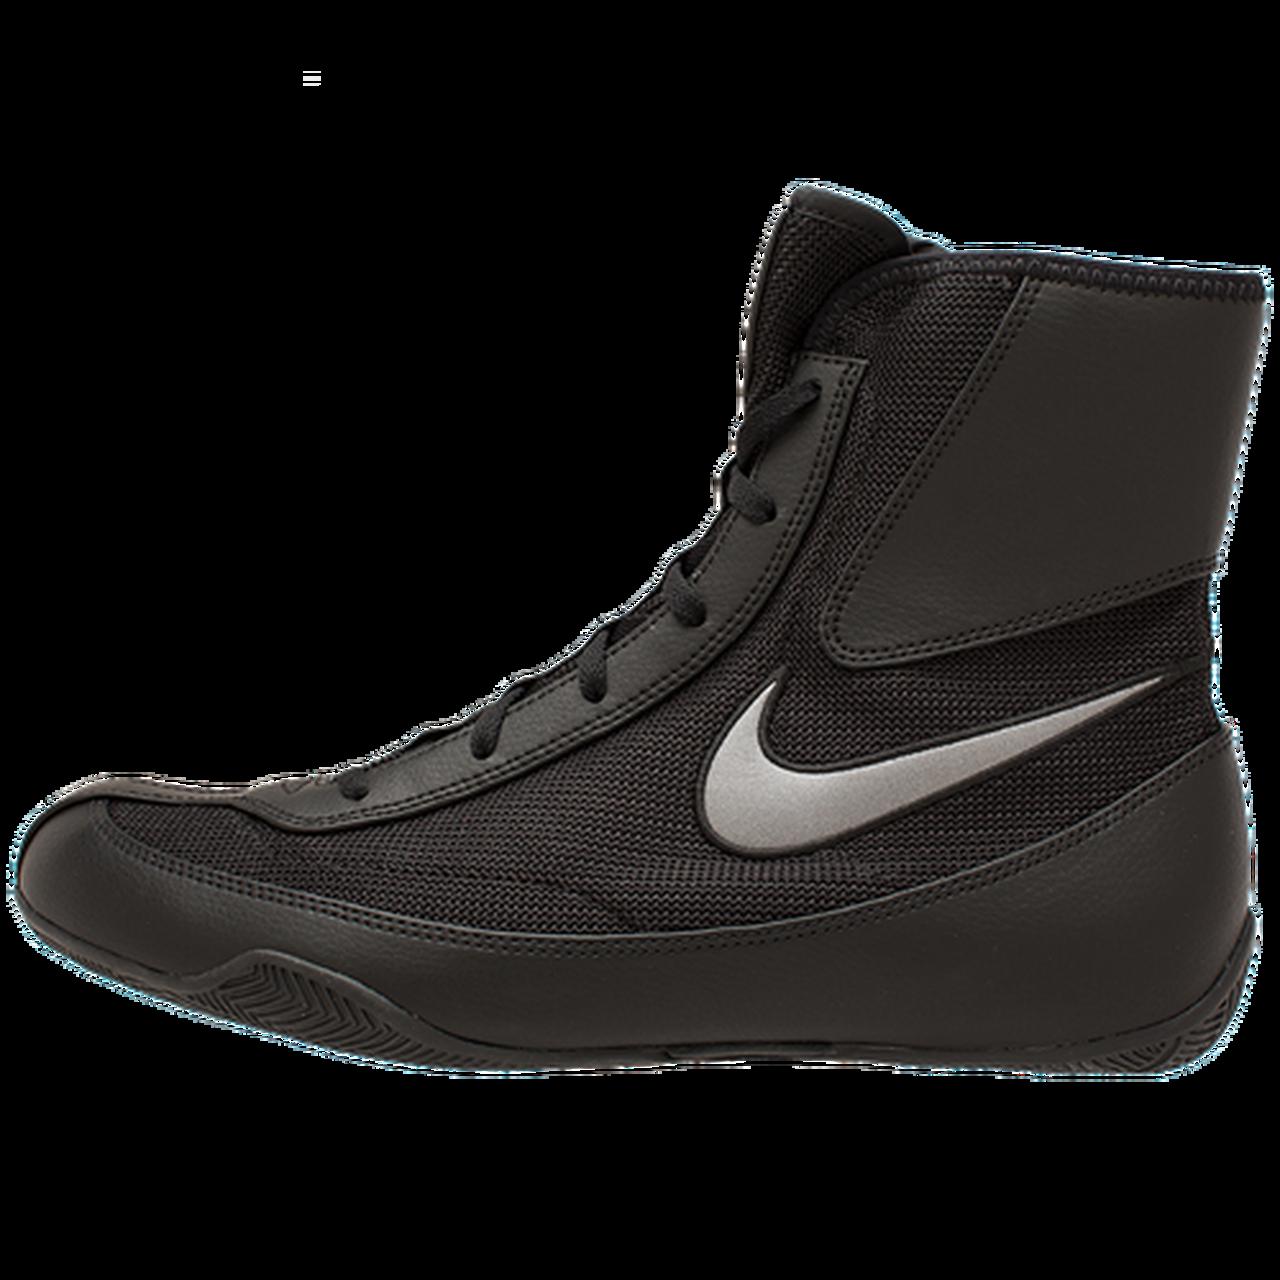 imágenes detalladas marca popular nuevos productos para Nike Machomai 2 - Black - Athlete Performance Solutions EU